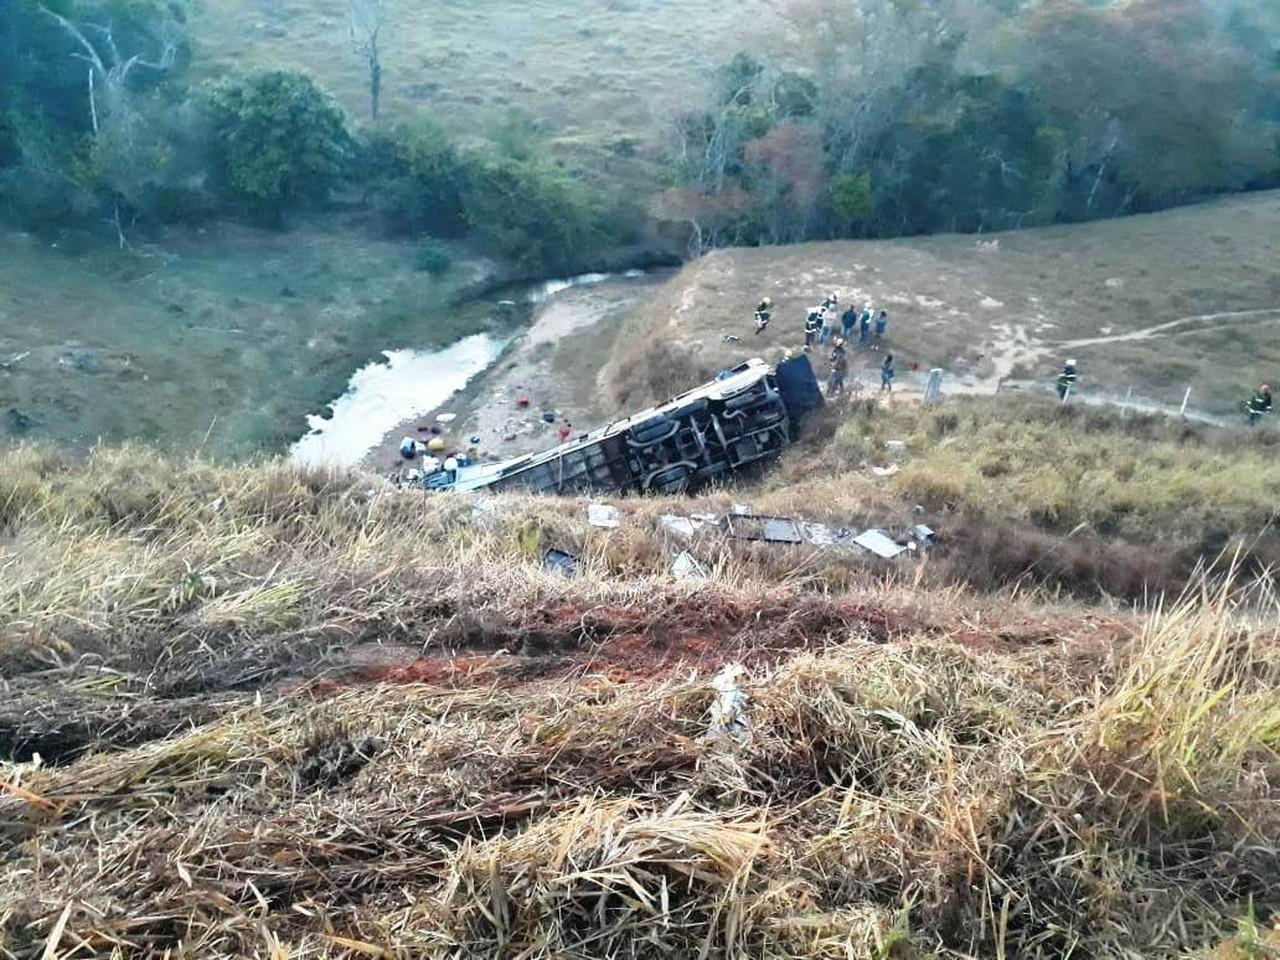 indice 1 - TRAGÉDIA: Ônibus capota na BR-146 deixando mortos e feridos, entre as vítimas fatais estão três Paraibanos